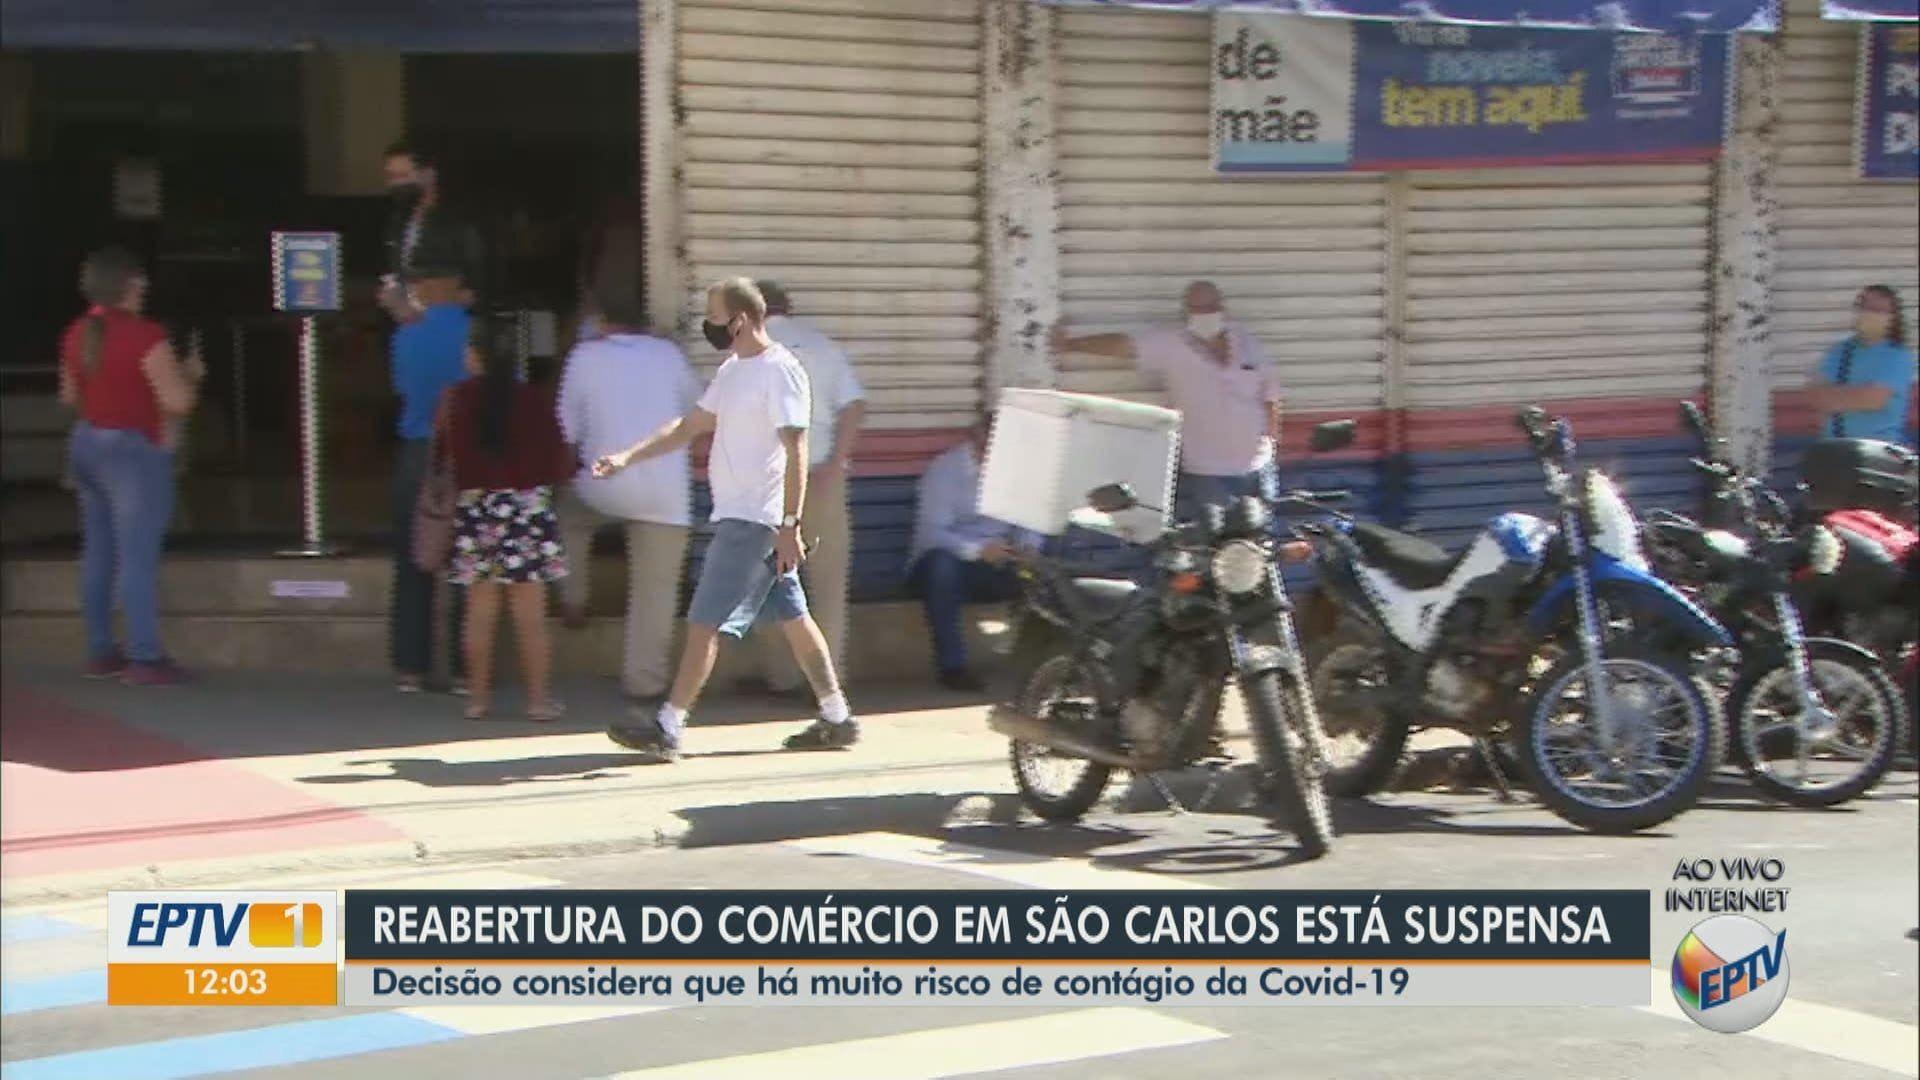 VÍDEOS: EPTV1 São Carlos desta sexta-feira, 29 de maio